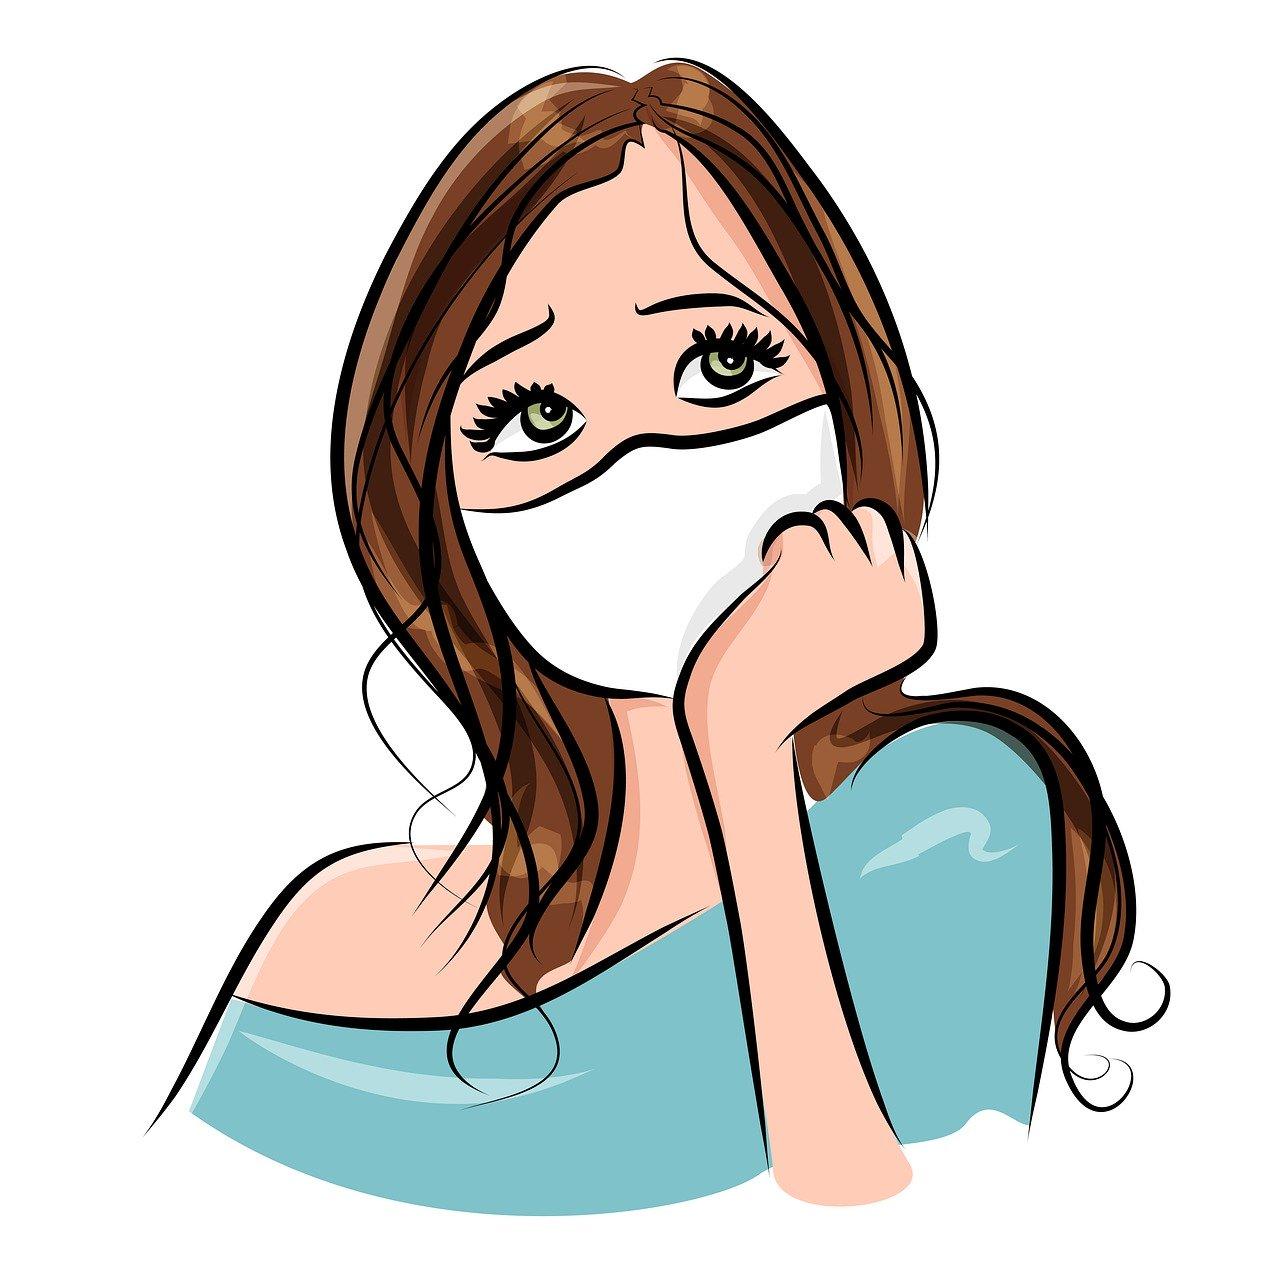 【寝る時のマスク】口臭がキツくて眠れない。ドライマウス・口臭対策オススメ5選!